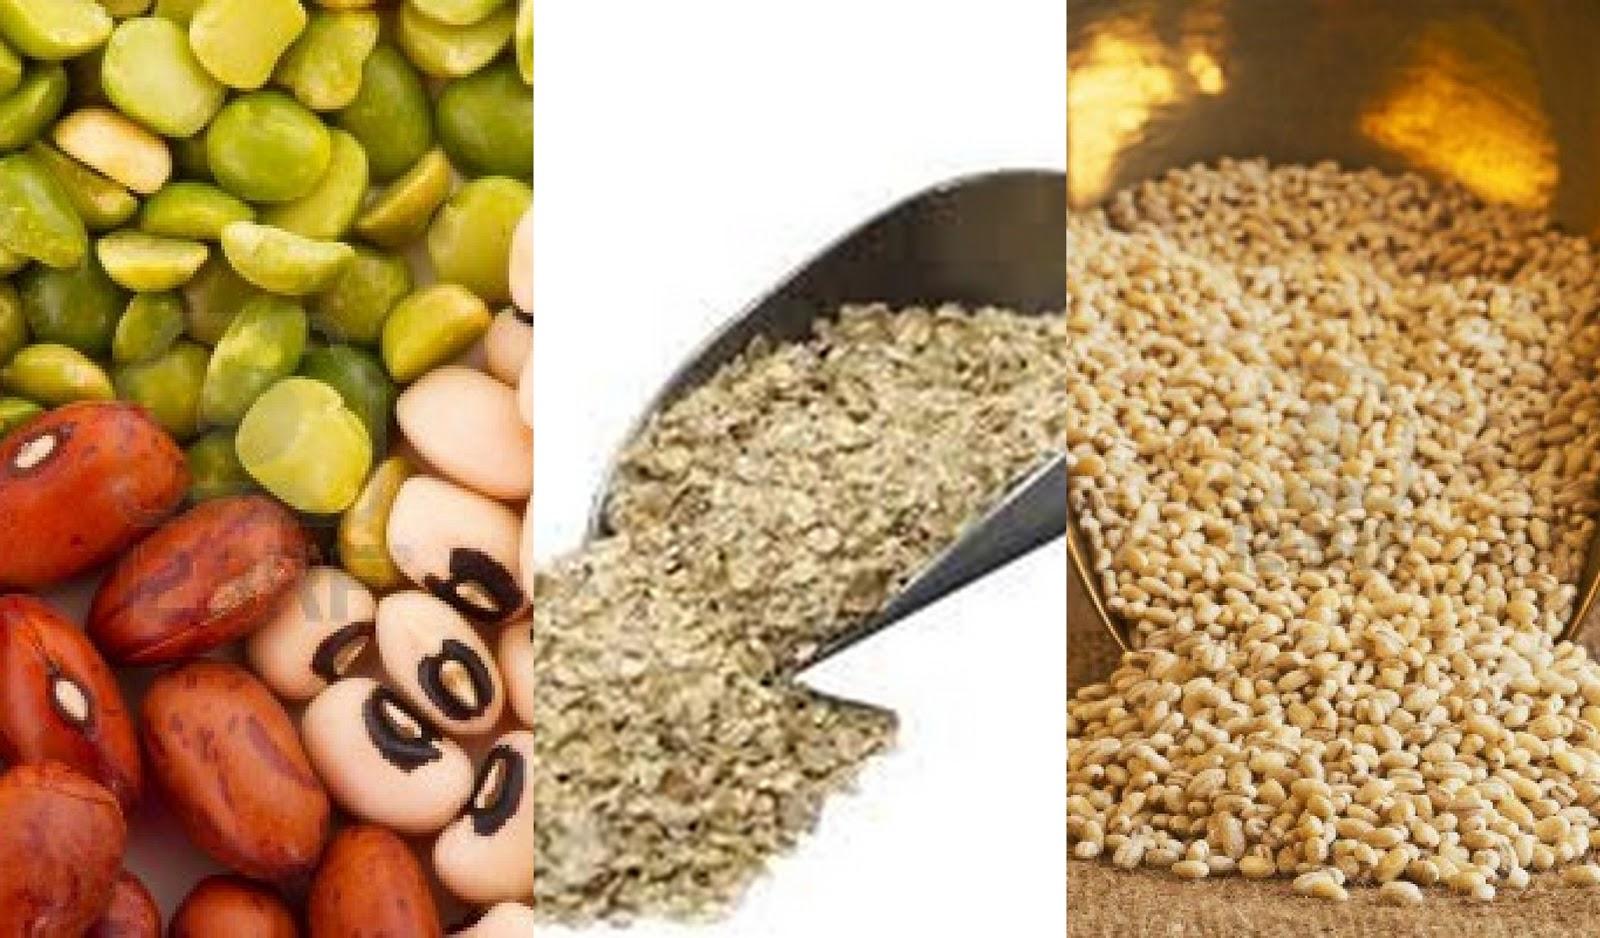 Tu salud y la nutrici n importancia del consumo de fibra - Alimentos que contengan fibra ...